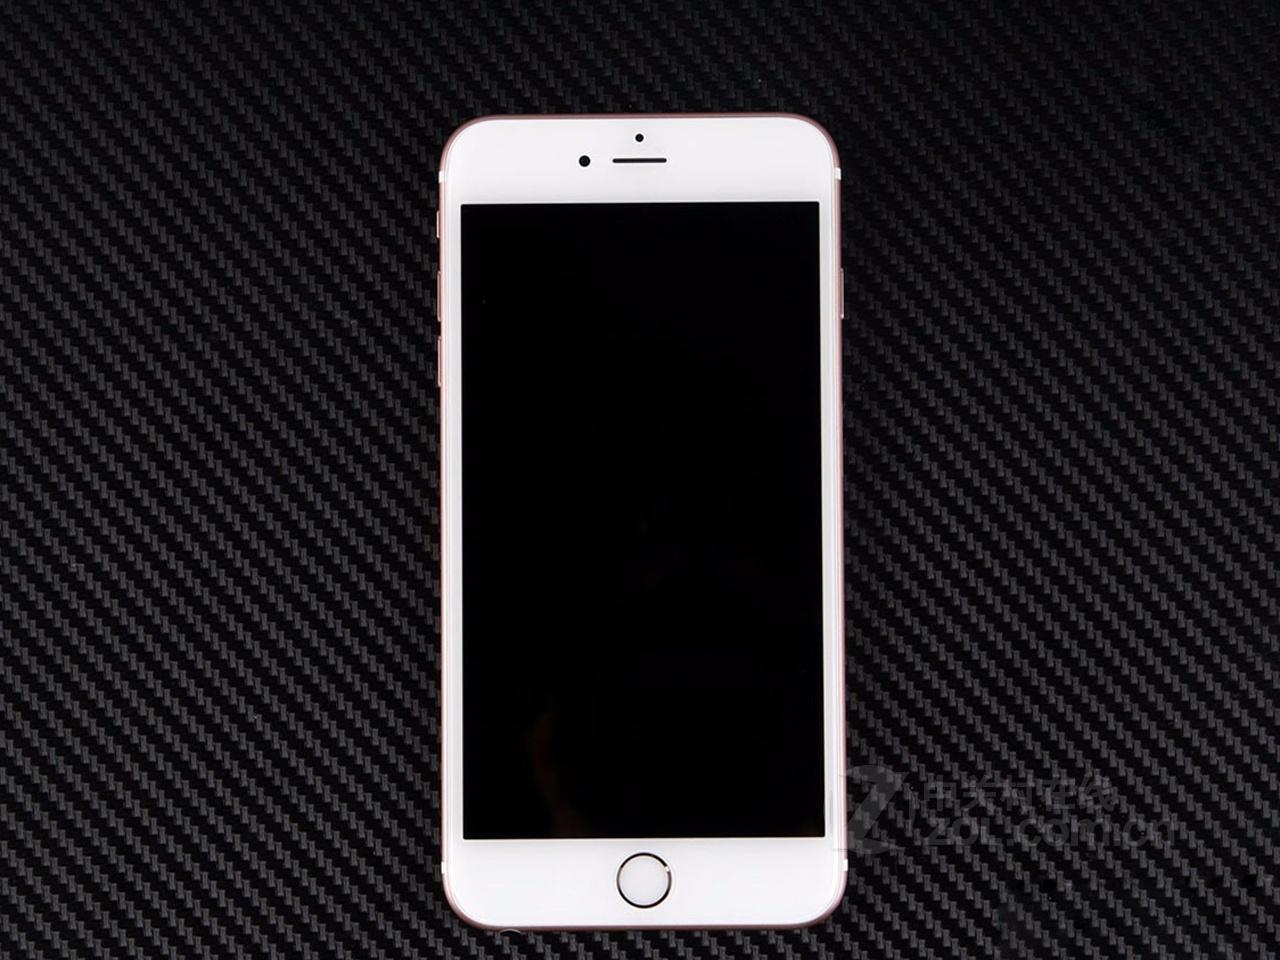 光学防抖 苹果 6s plus重庆售价5480元